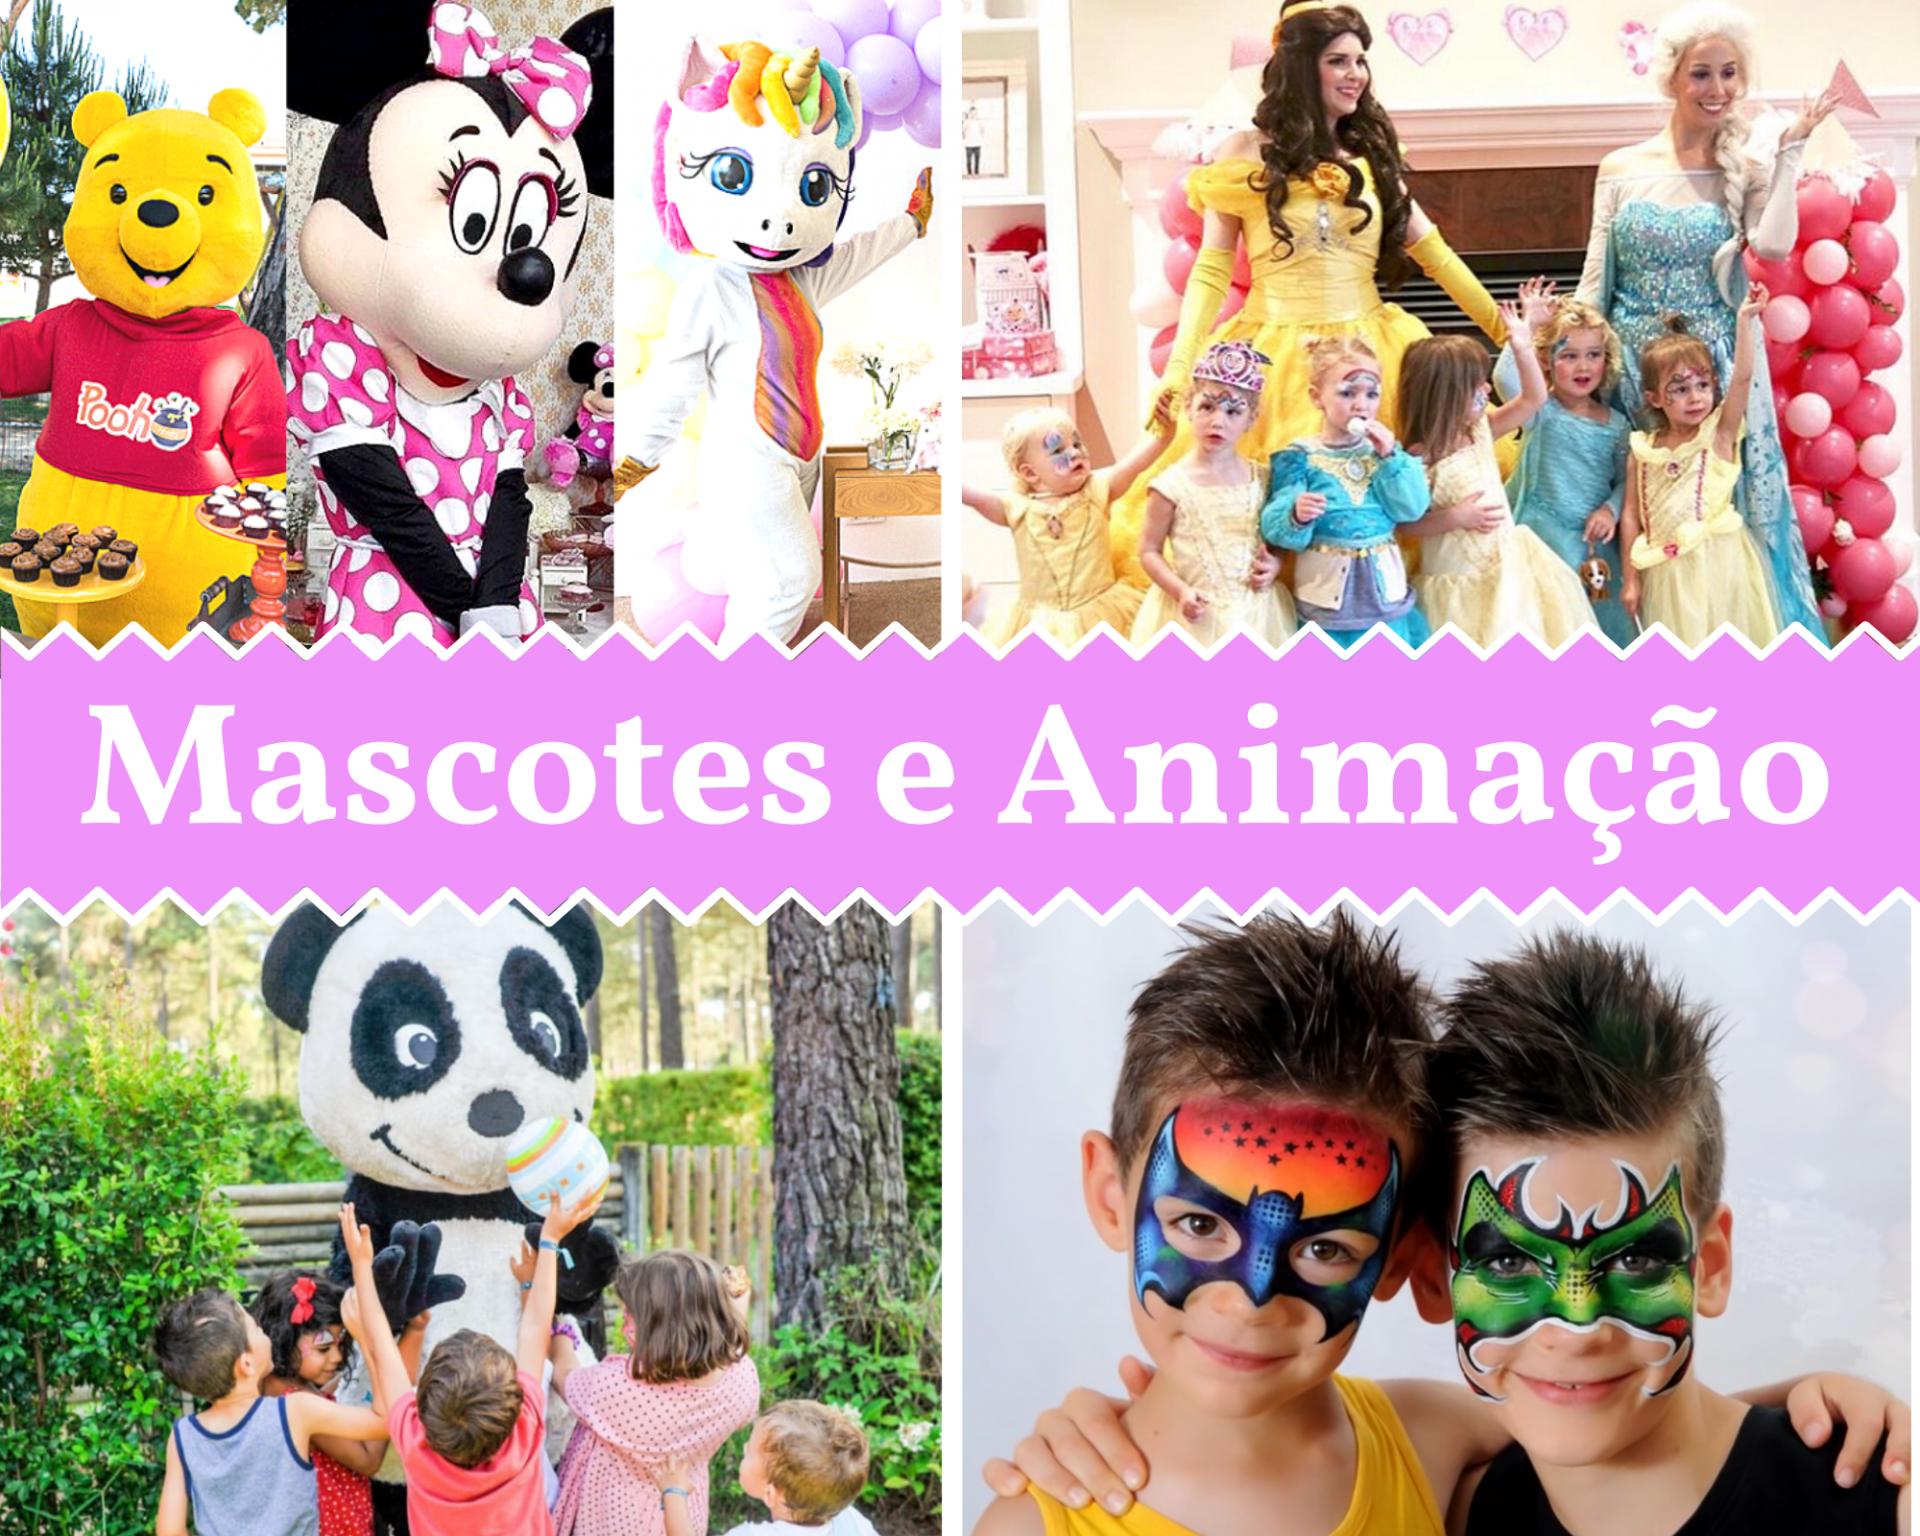 Mascotes e Animação Frontpage